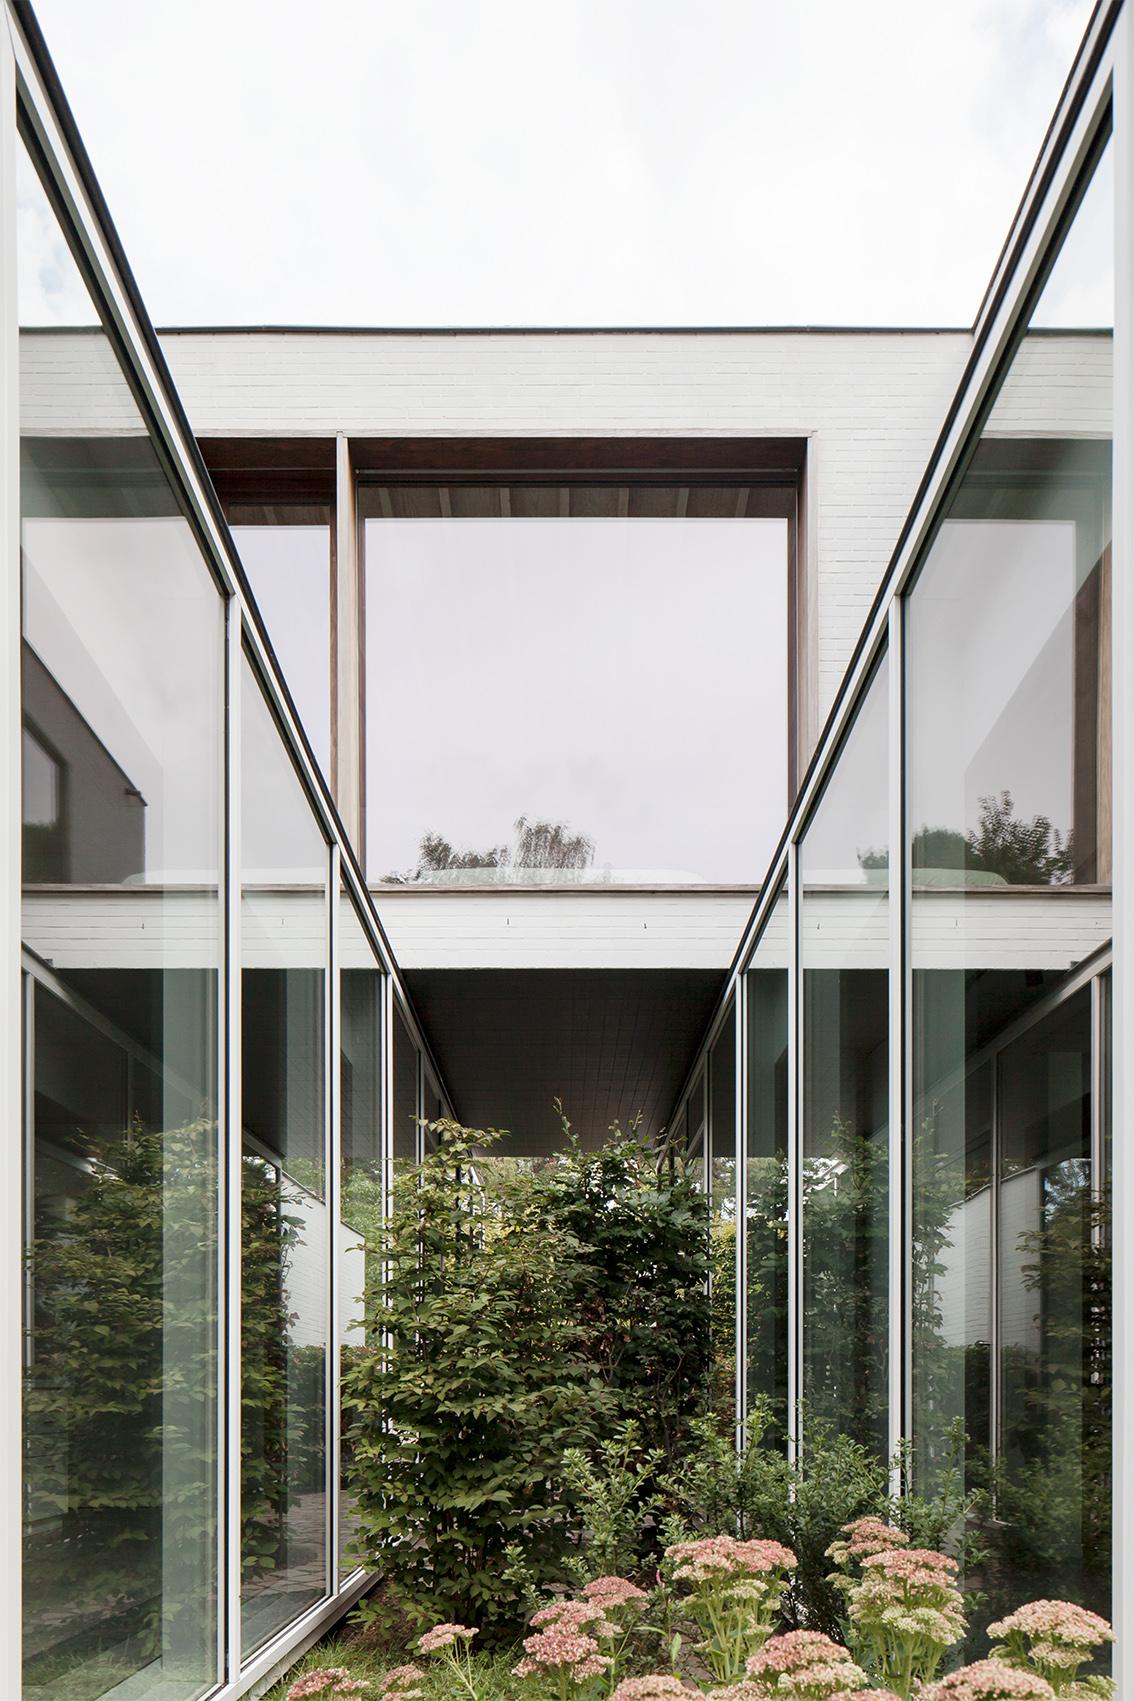 House-For-LD-19.jpg